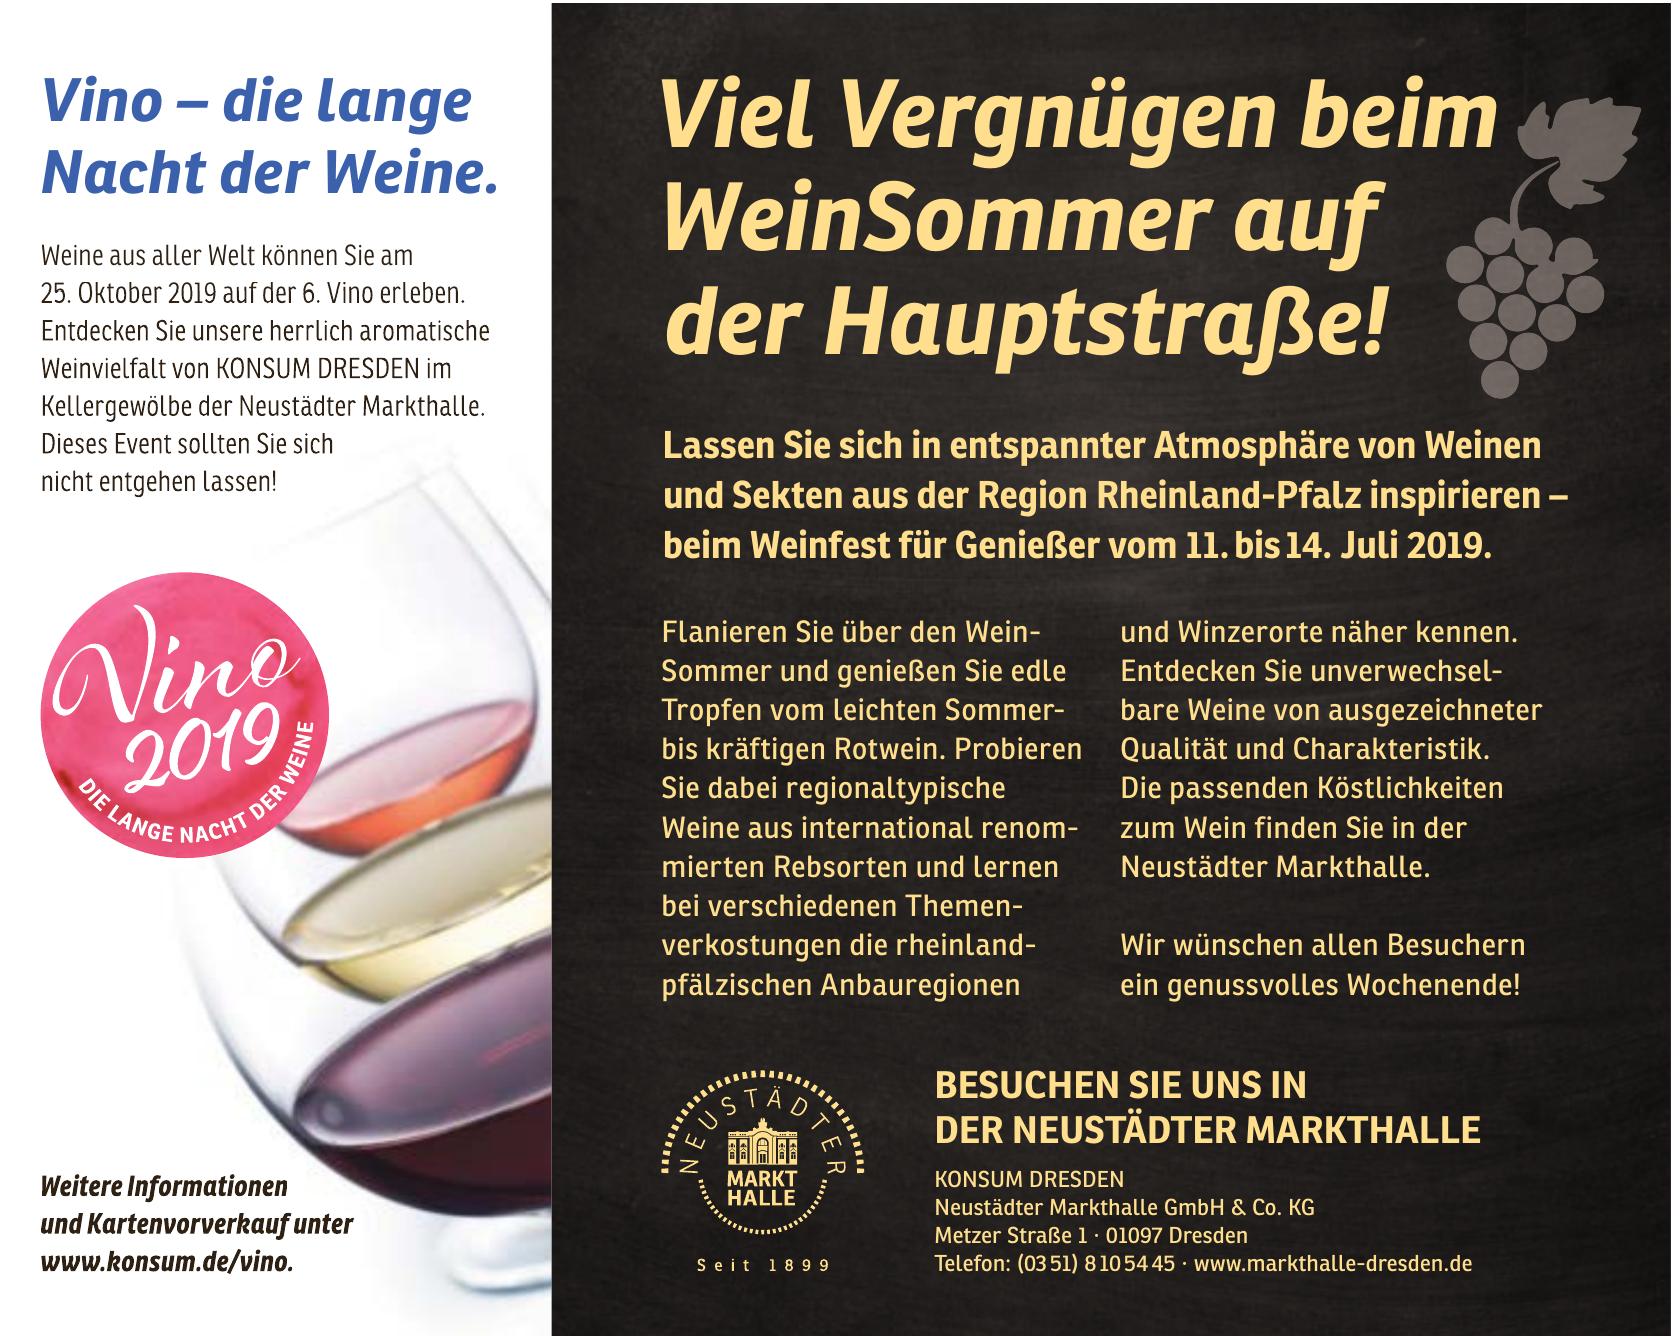 Neustädter Markthalle GmbH & Co. KG